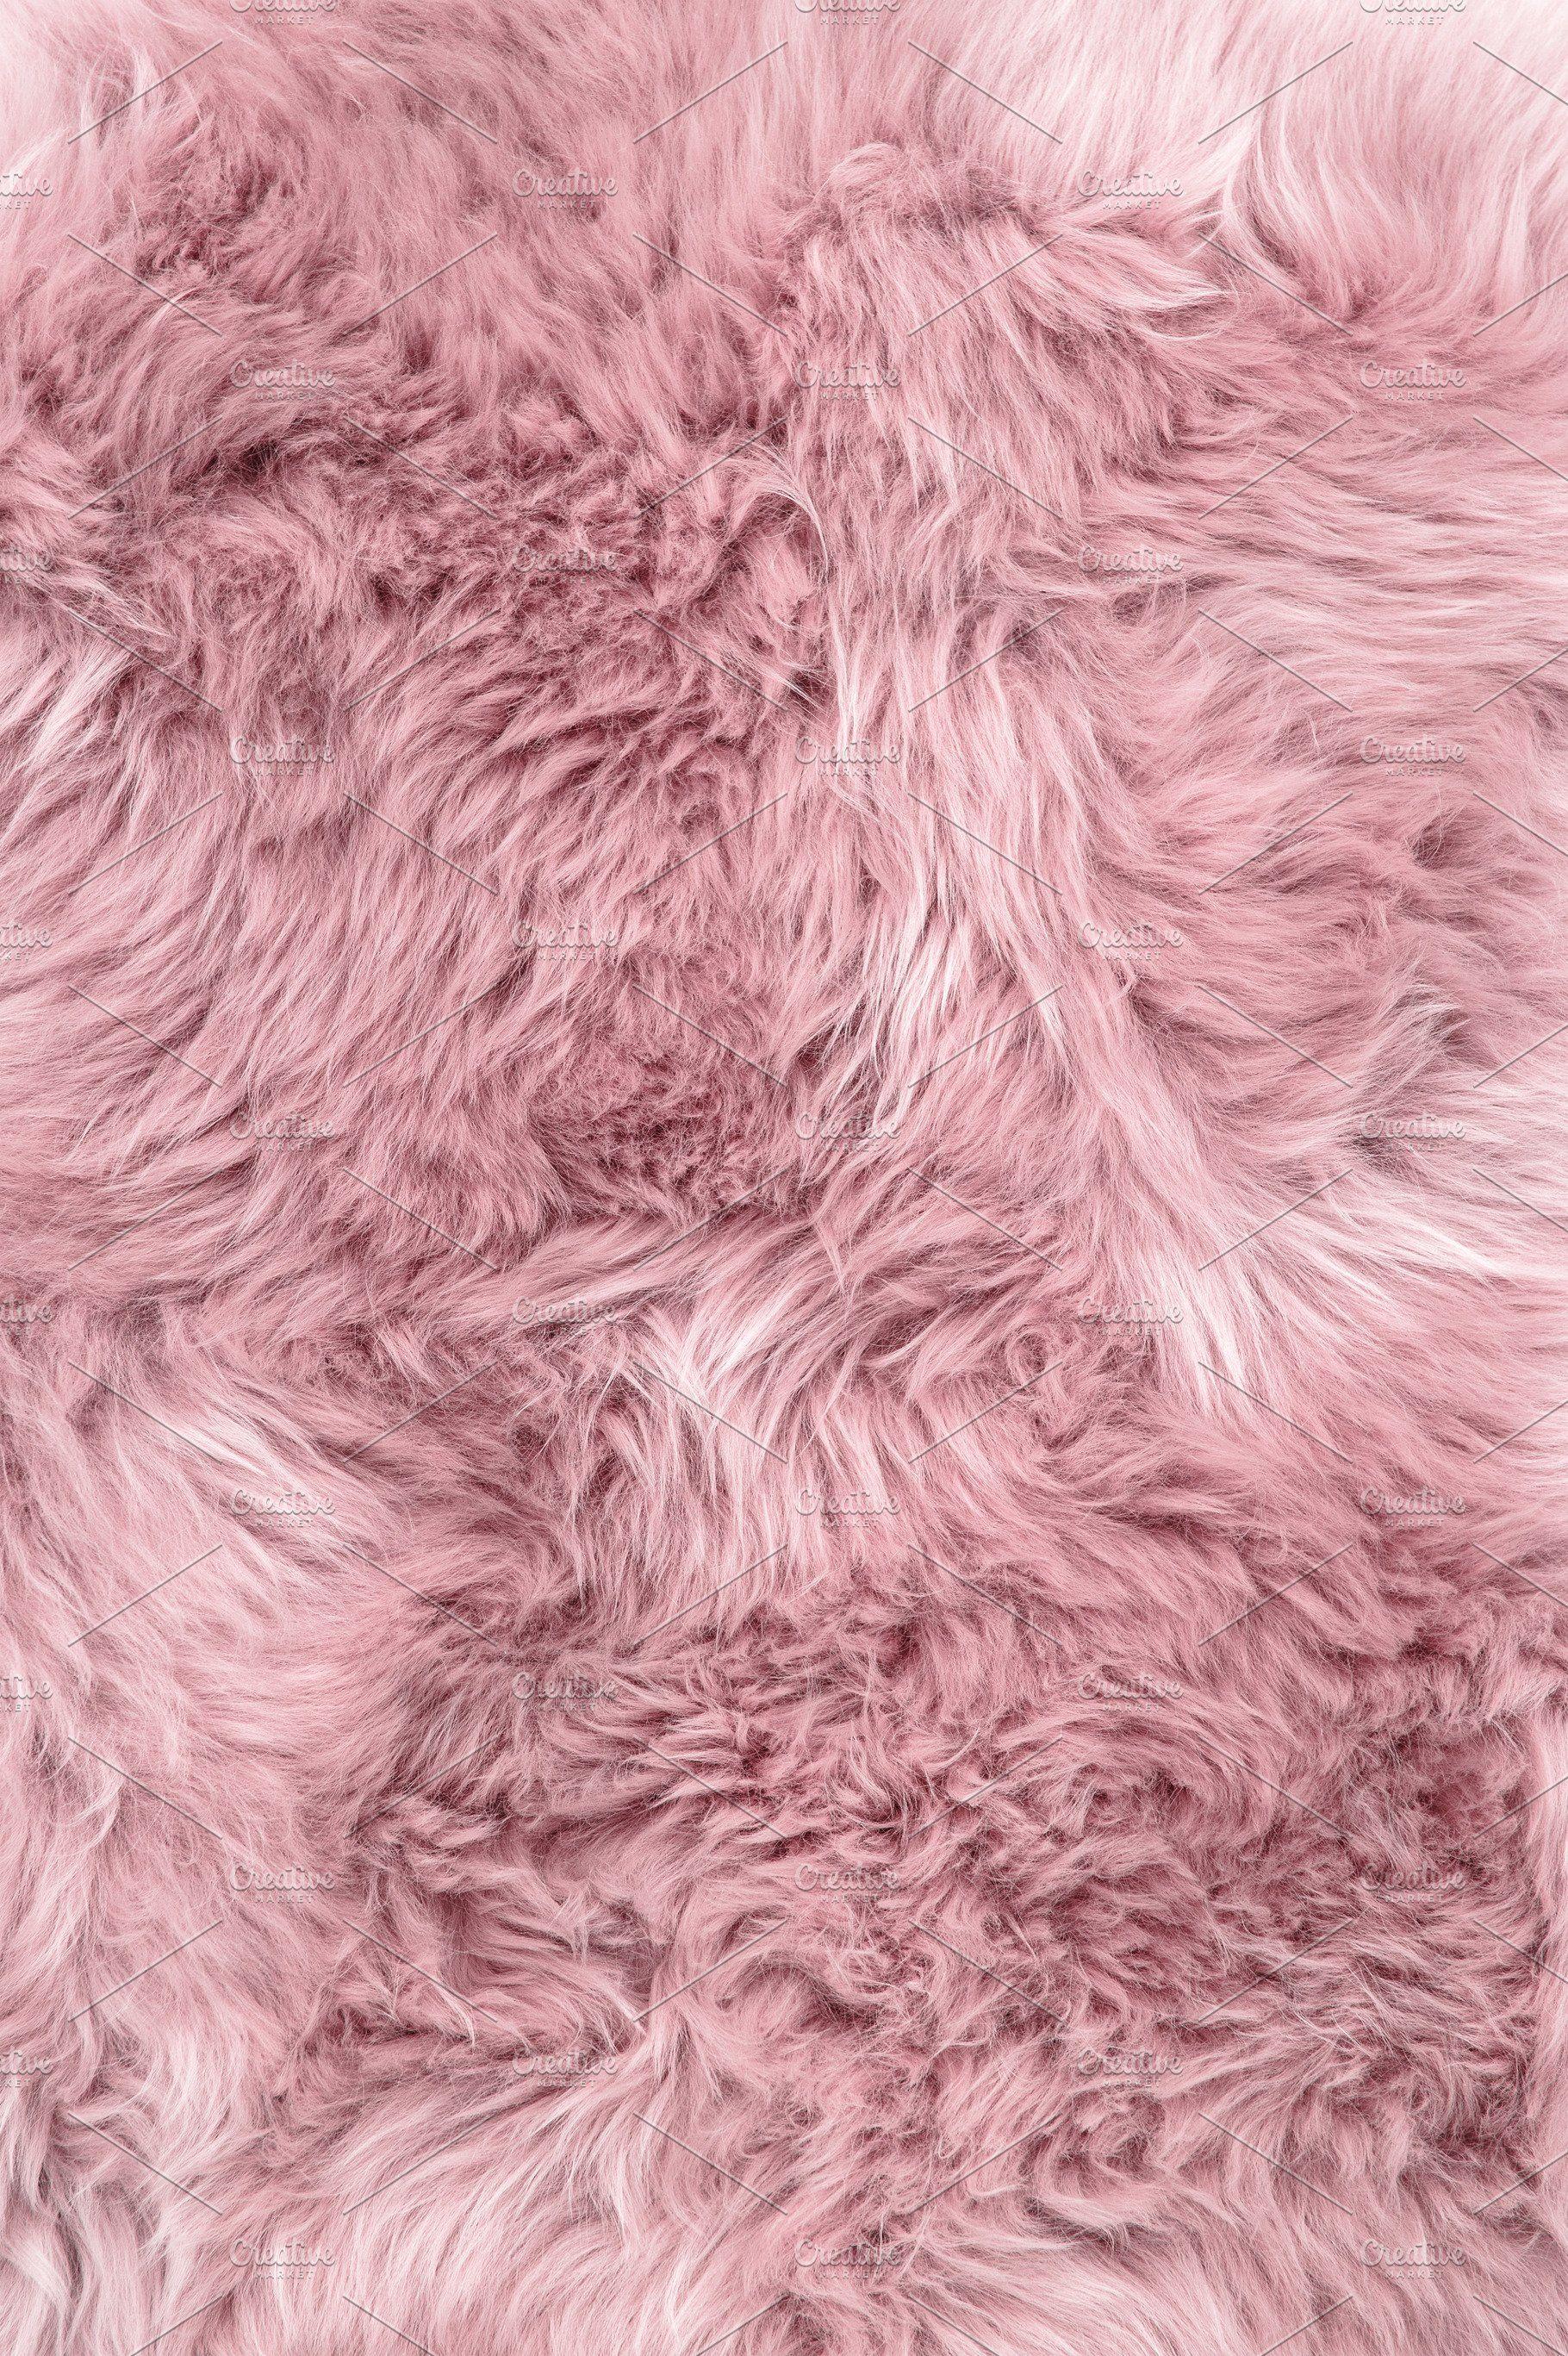 Sheep Fur Pink Sheepskin Rug Backgro Pink Fur Wallpaper Wallpaper Fur Pink Fur Background Aesthetic pink fur wallpaper hd